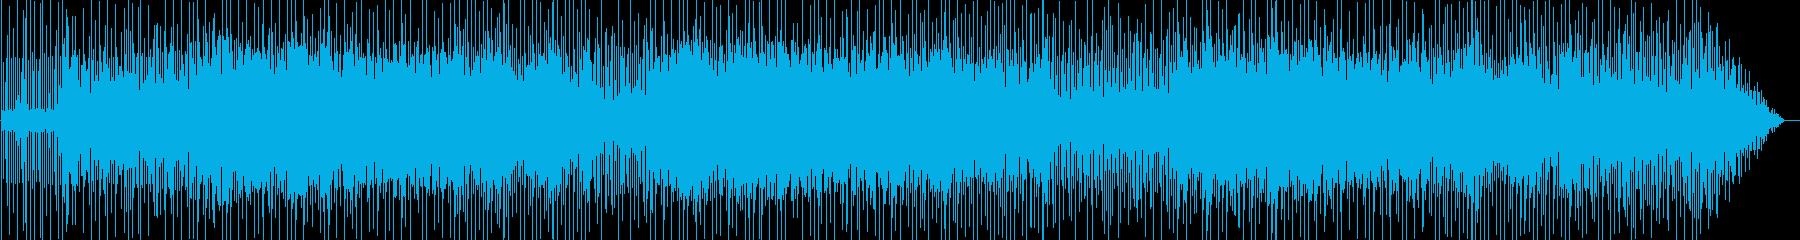 94bpm、チョット早めの行進曲の再生済みの波形